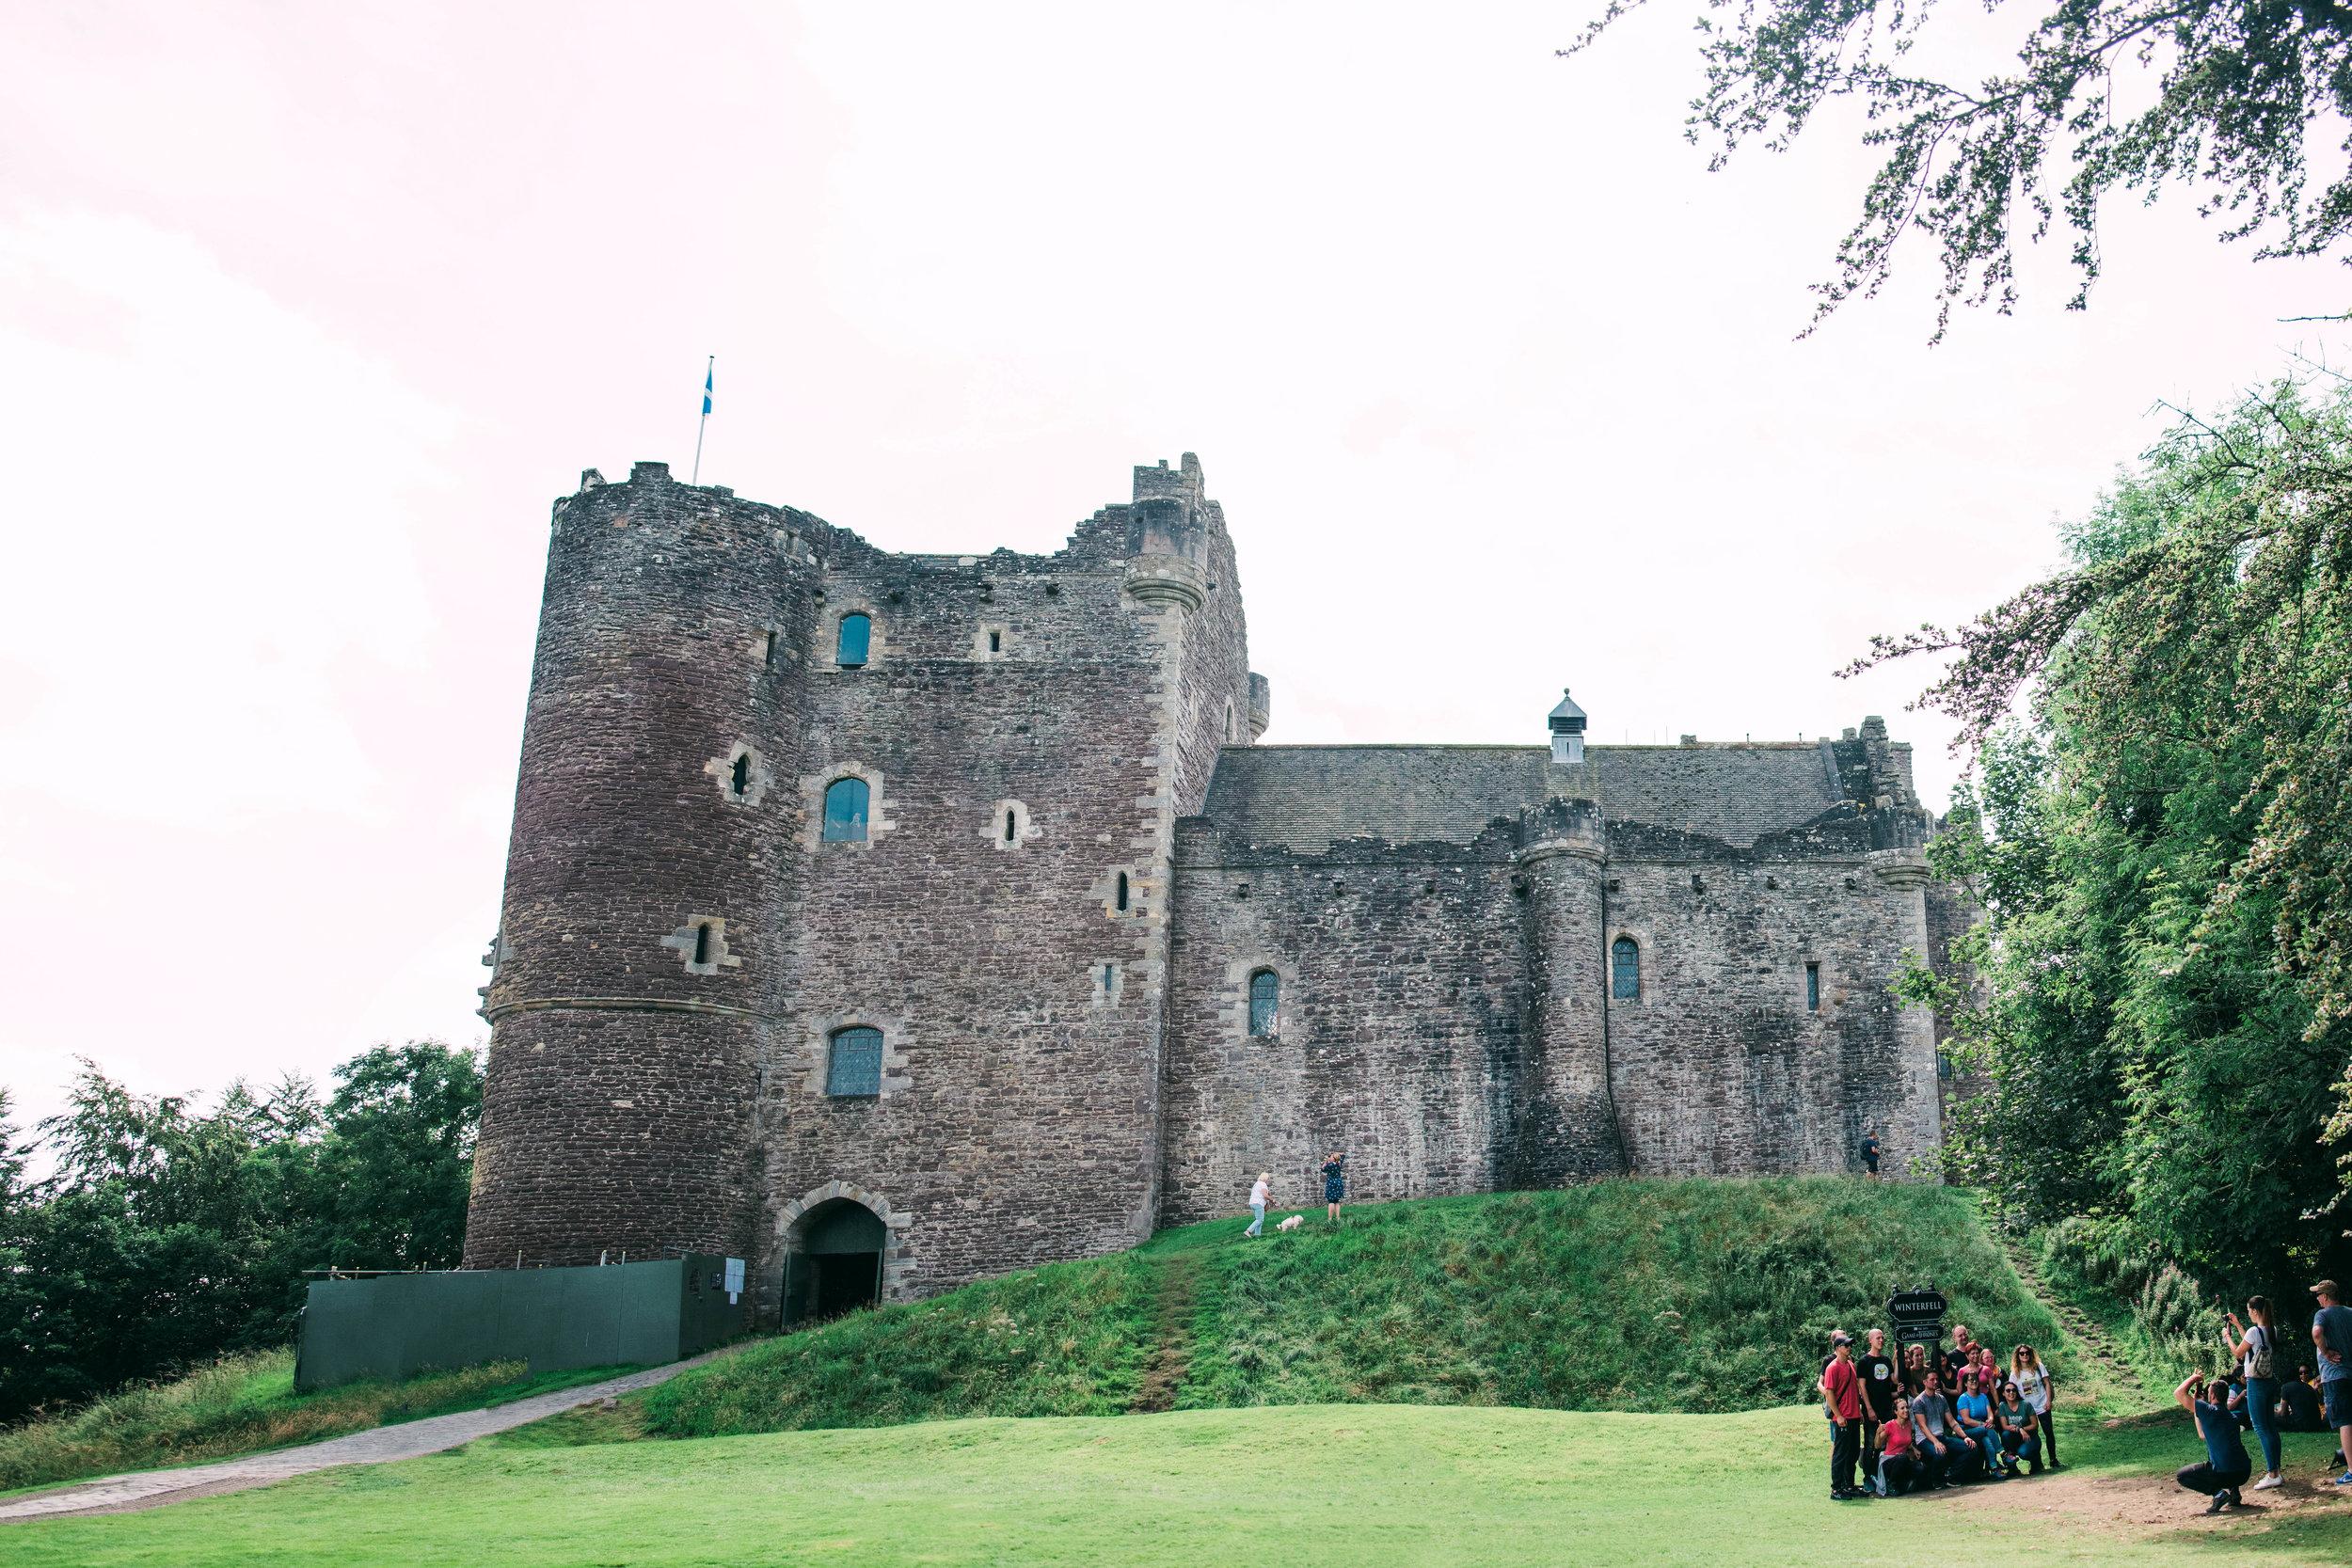 Castle Doune - Doune, Scotland